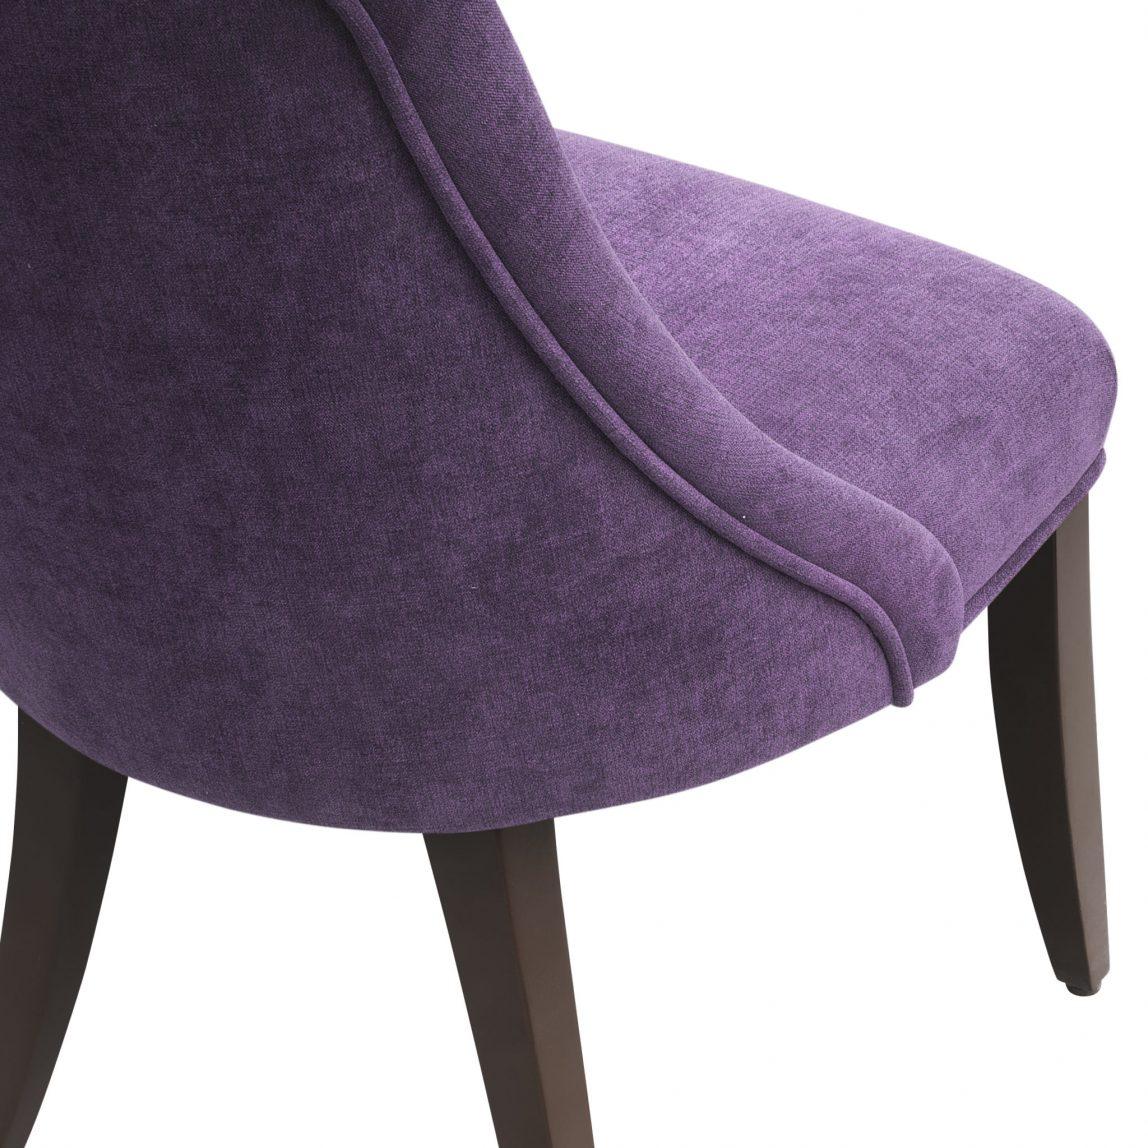 дизайнерский маленький мягкий стул Ким